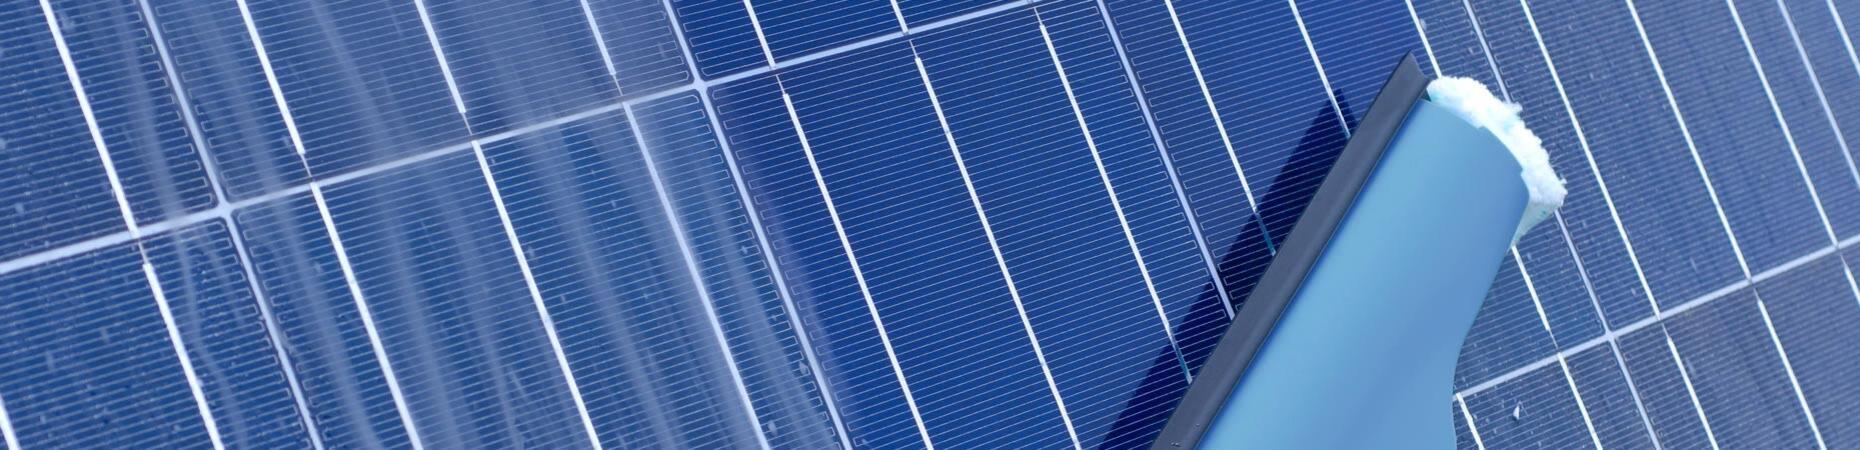 ecoservice-ravenna it pulizie-pannelli-solari-ravenna 005